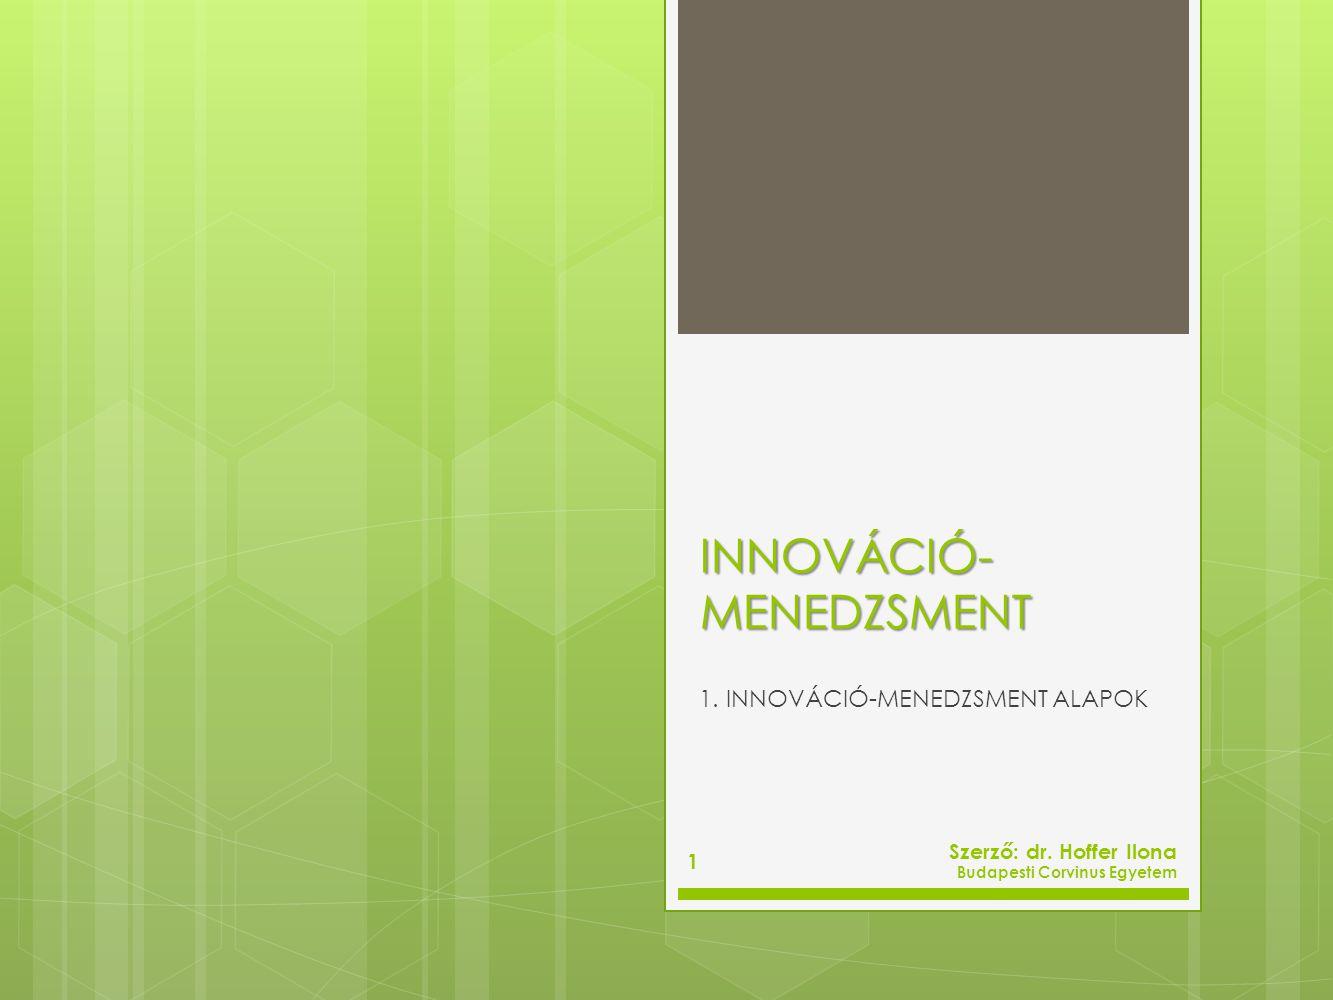 72 A vállalati stratégiánk vonatkozásában az innovációs ökoszisztémák kapcsán a kockázati tényezőkre érdemes külön odafigyelni.